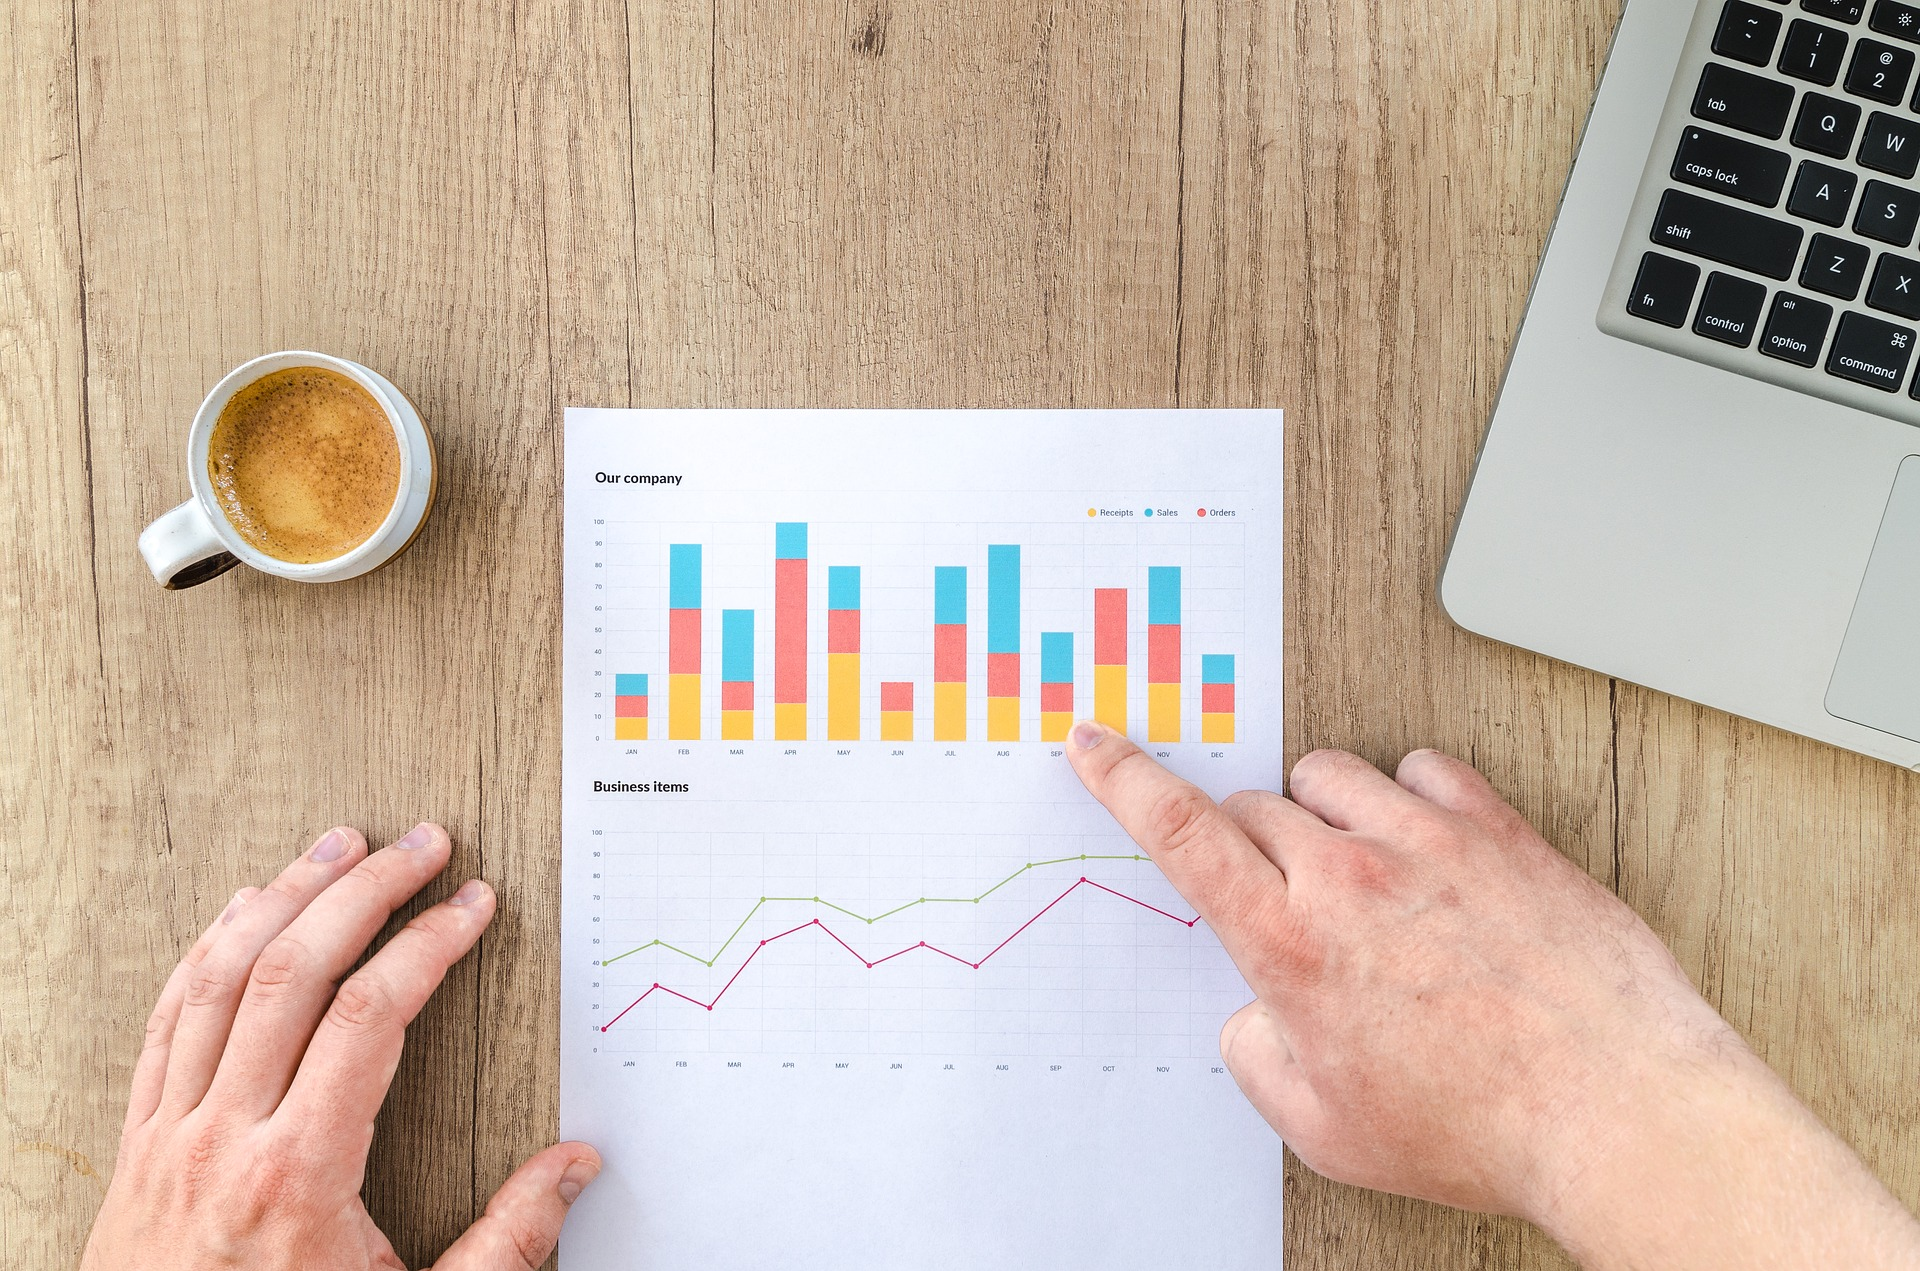 НБУ оприлюднить ставки за кредитами для бізнесу